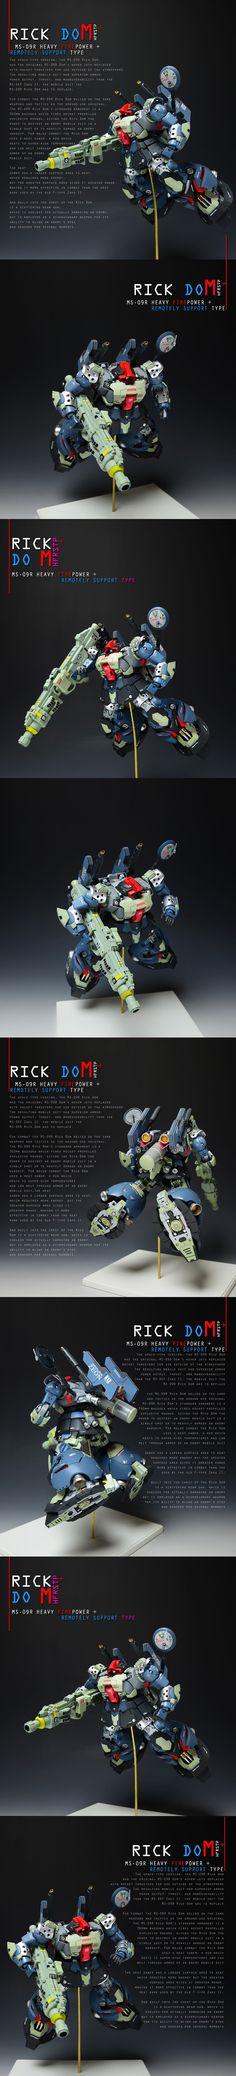 ■重火力 リックドム MS-09R HF+ RS 徹底改修 塗装済み完成品■ - ヤフオク!